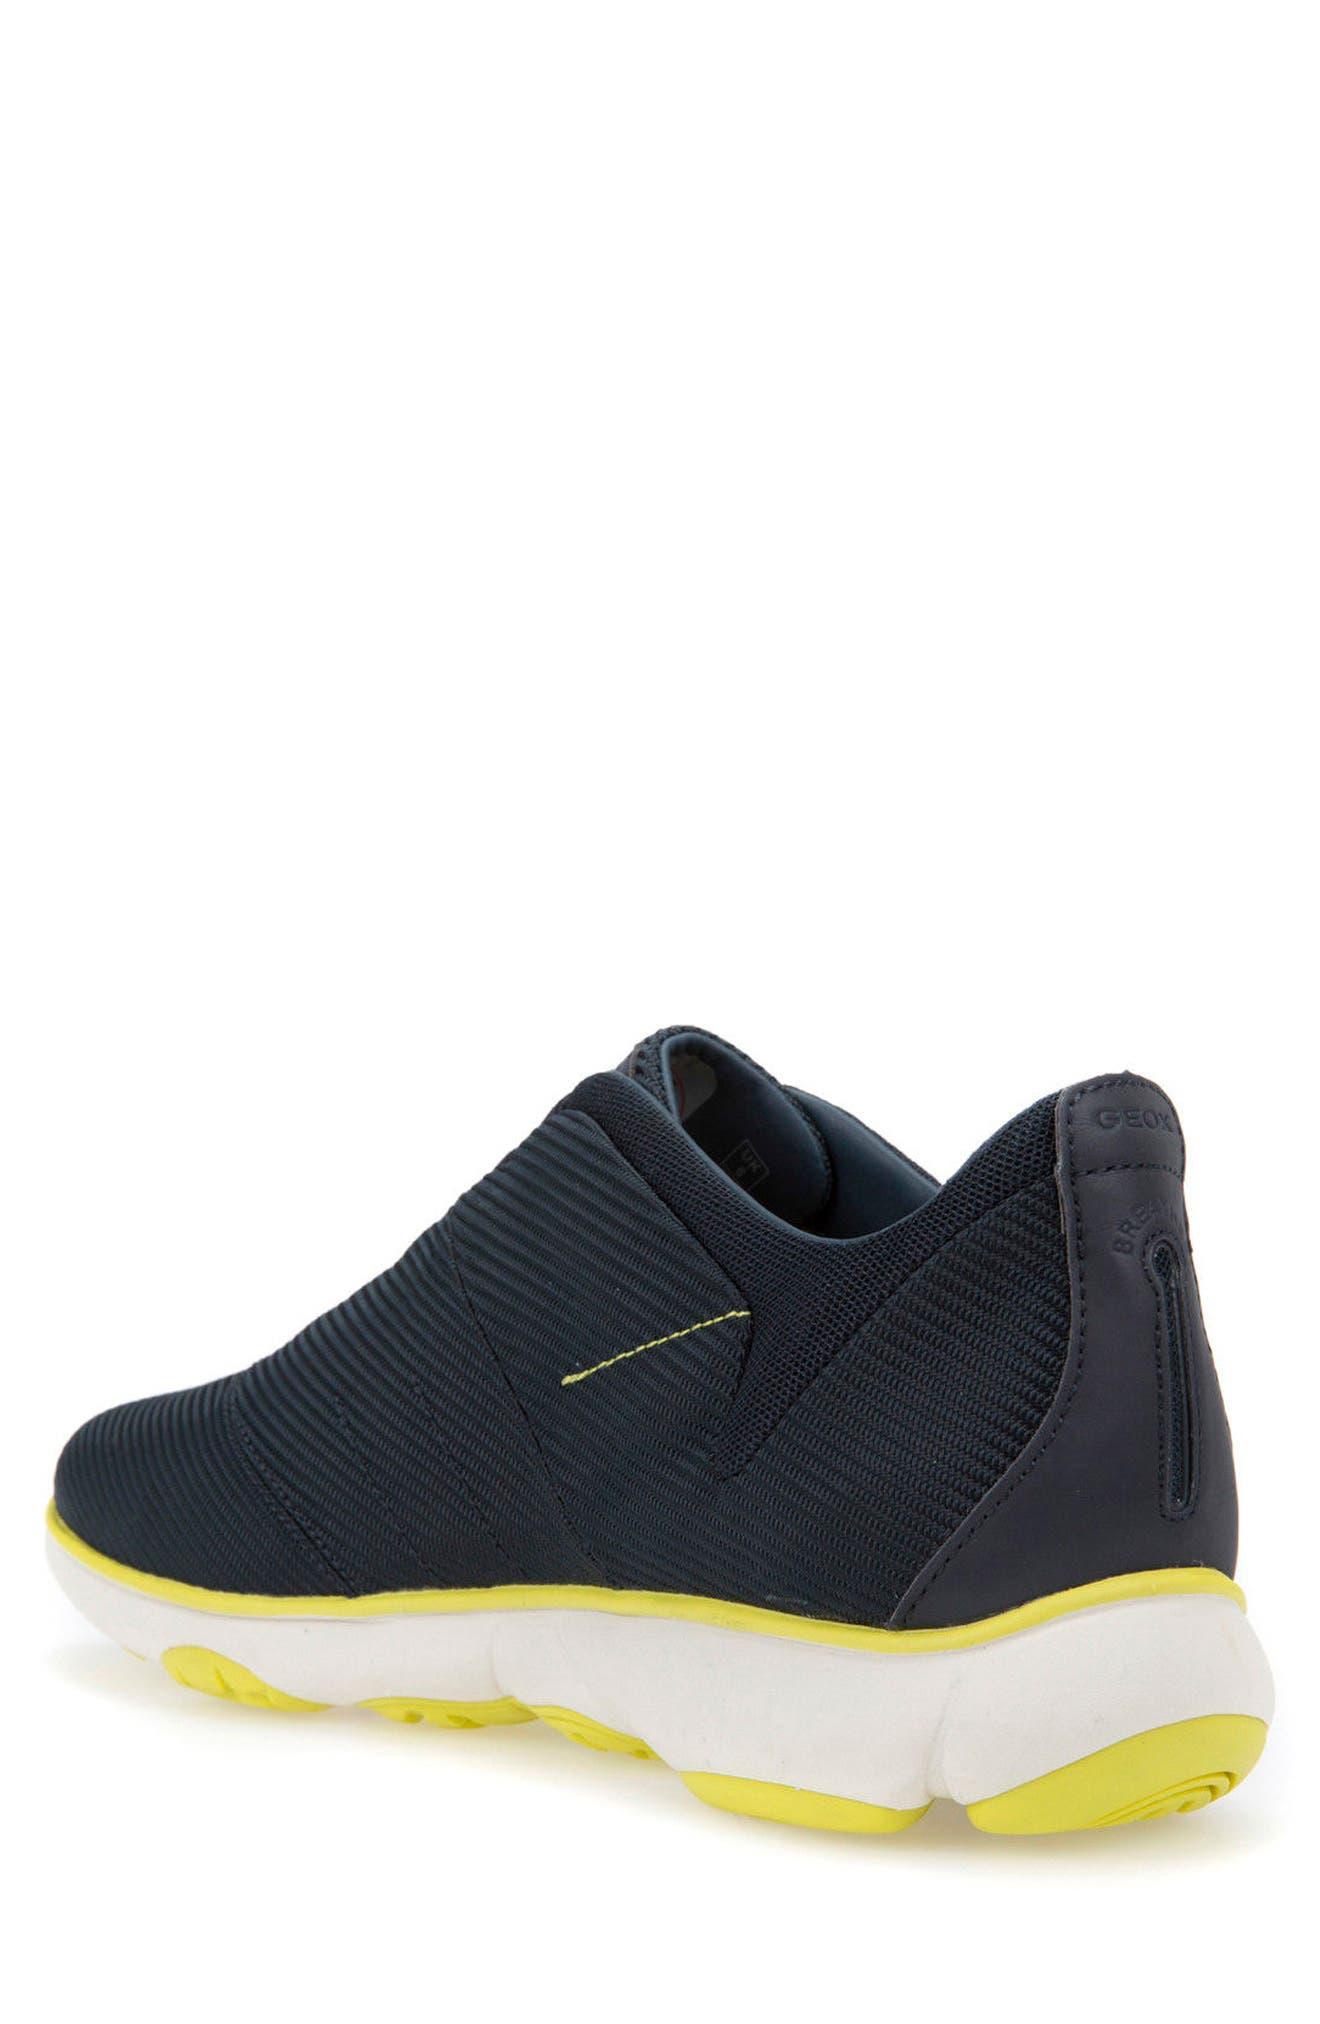 Nebula 35 Slip-On Sneaker,                             Alternate thumbnail 2, color,                             Navy